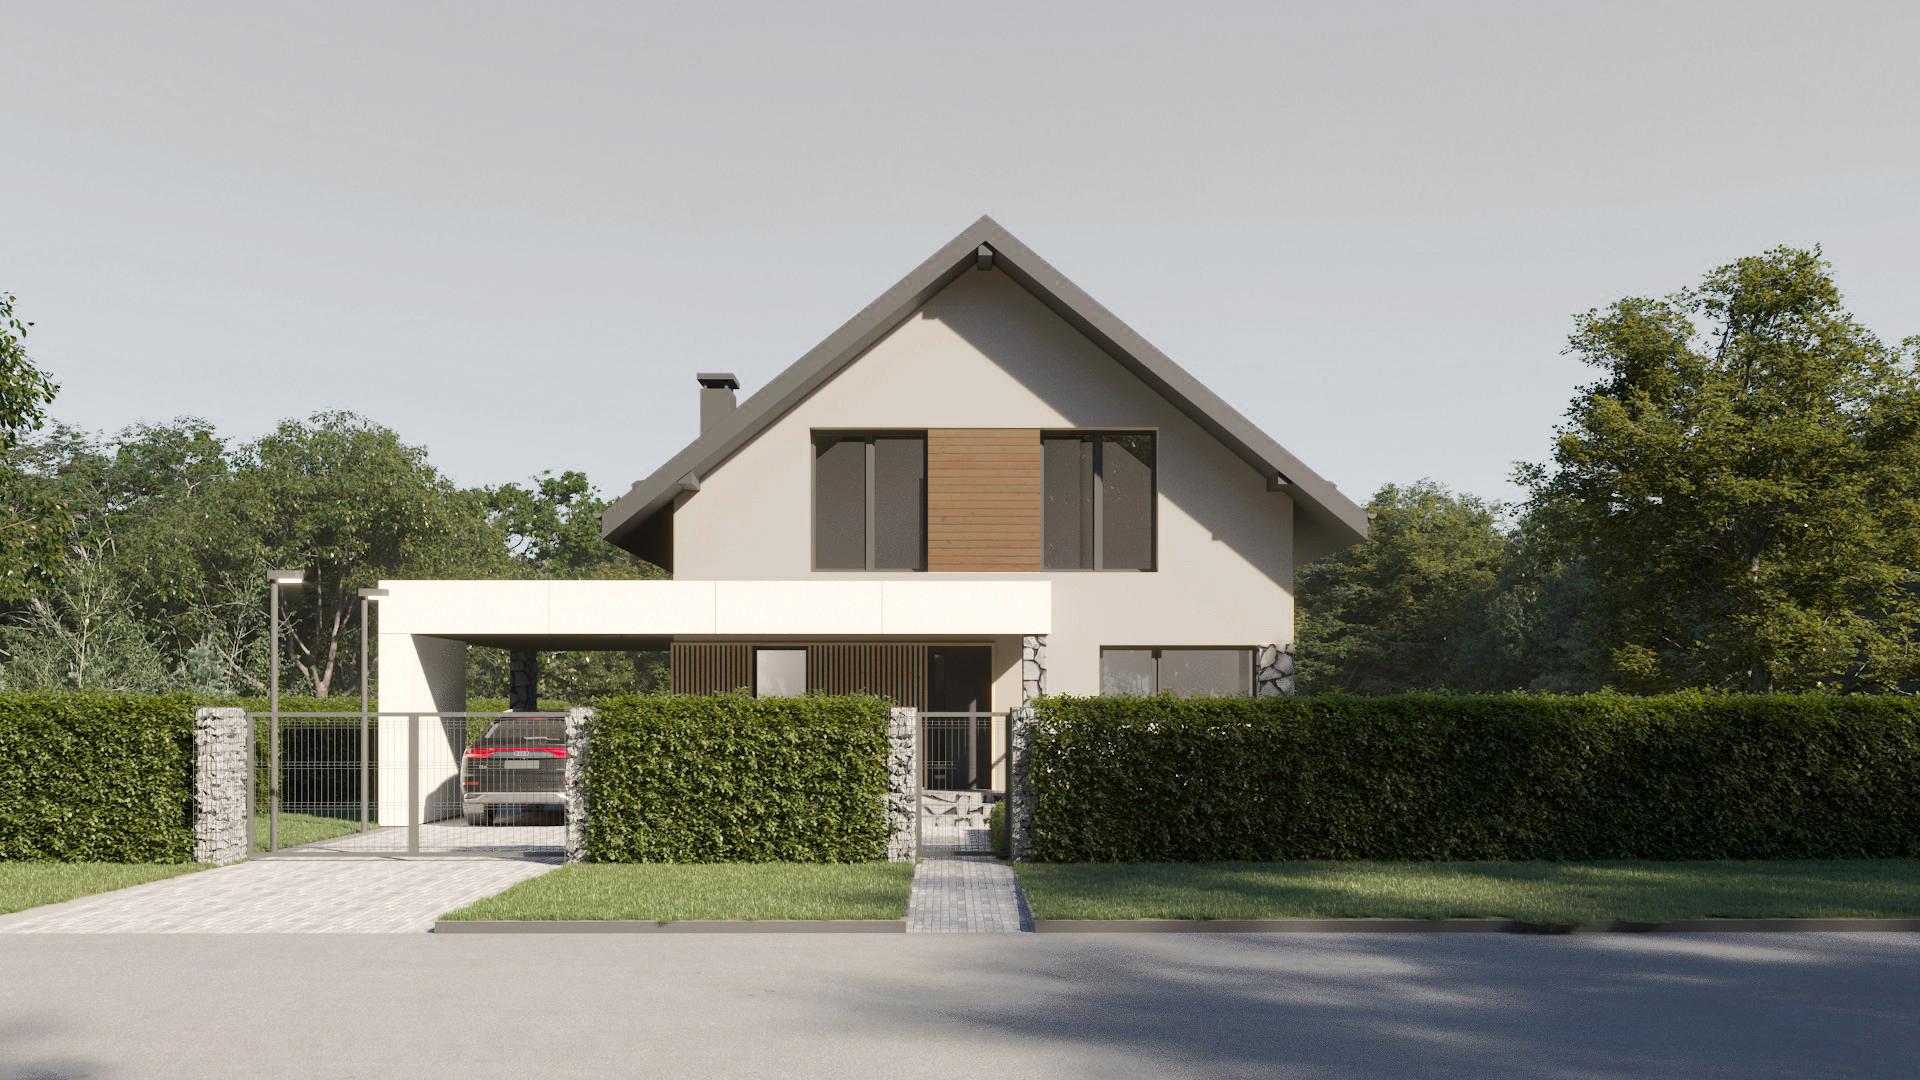 Архитектурный проект дома с навесом для автомобиля